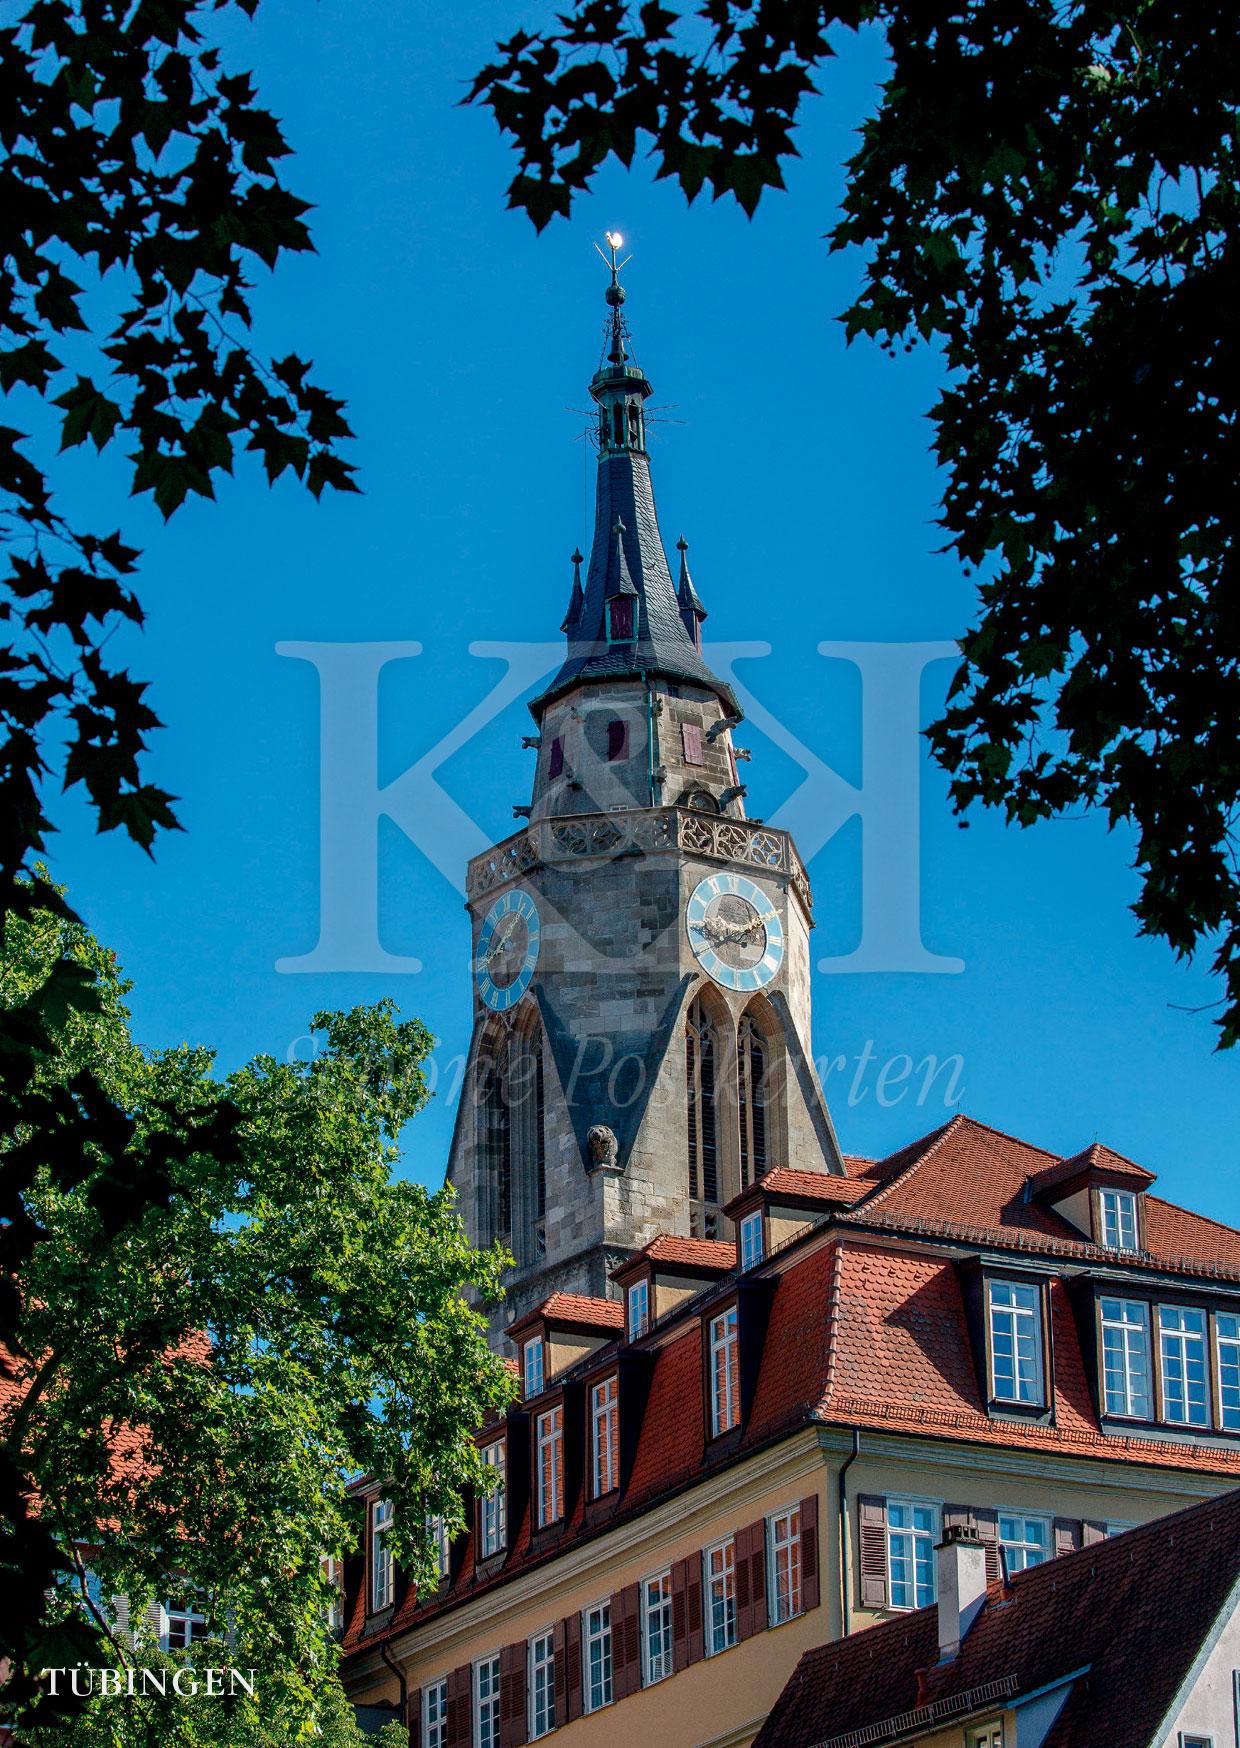 Schöne Postkarte Nr. 116 · Stiftskirche Tübingen, davor die Alte Aula der Universität · © www.schoenepostkarten.de